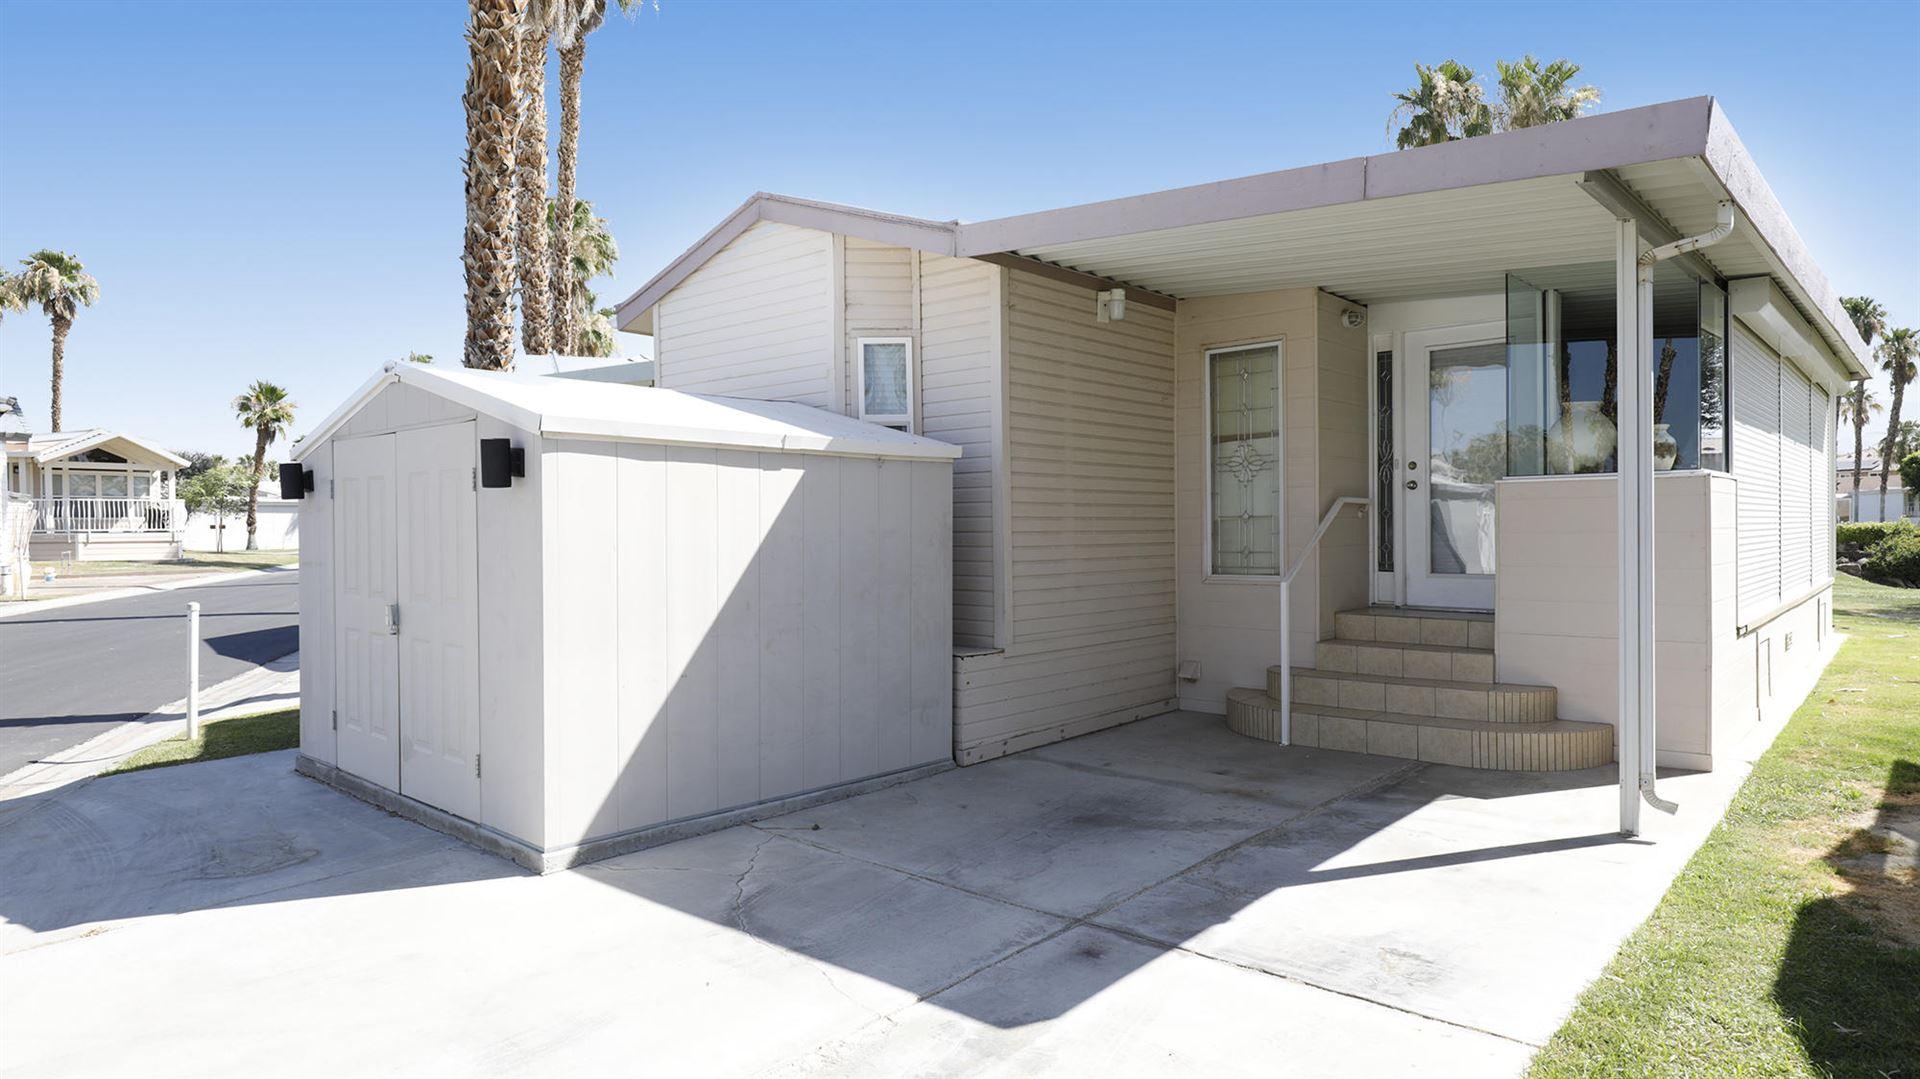 84136 Avenue 44 # 733, Indio, CA 92203 - MLS#: 219044890